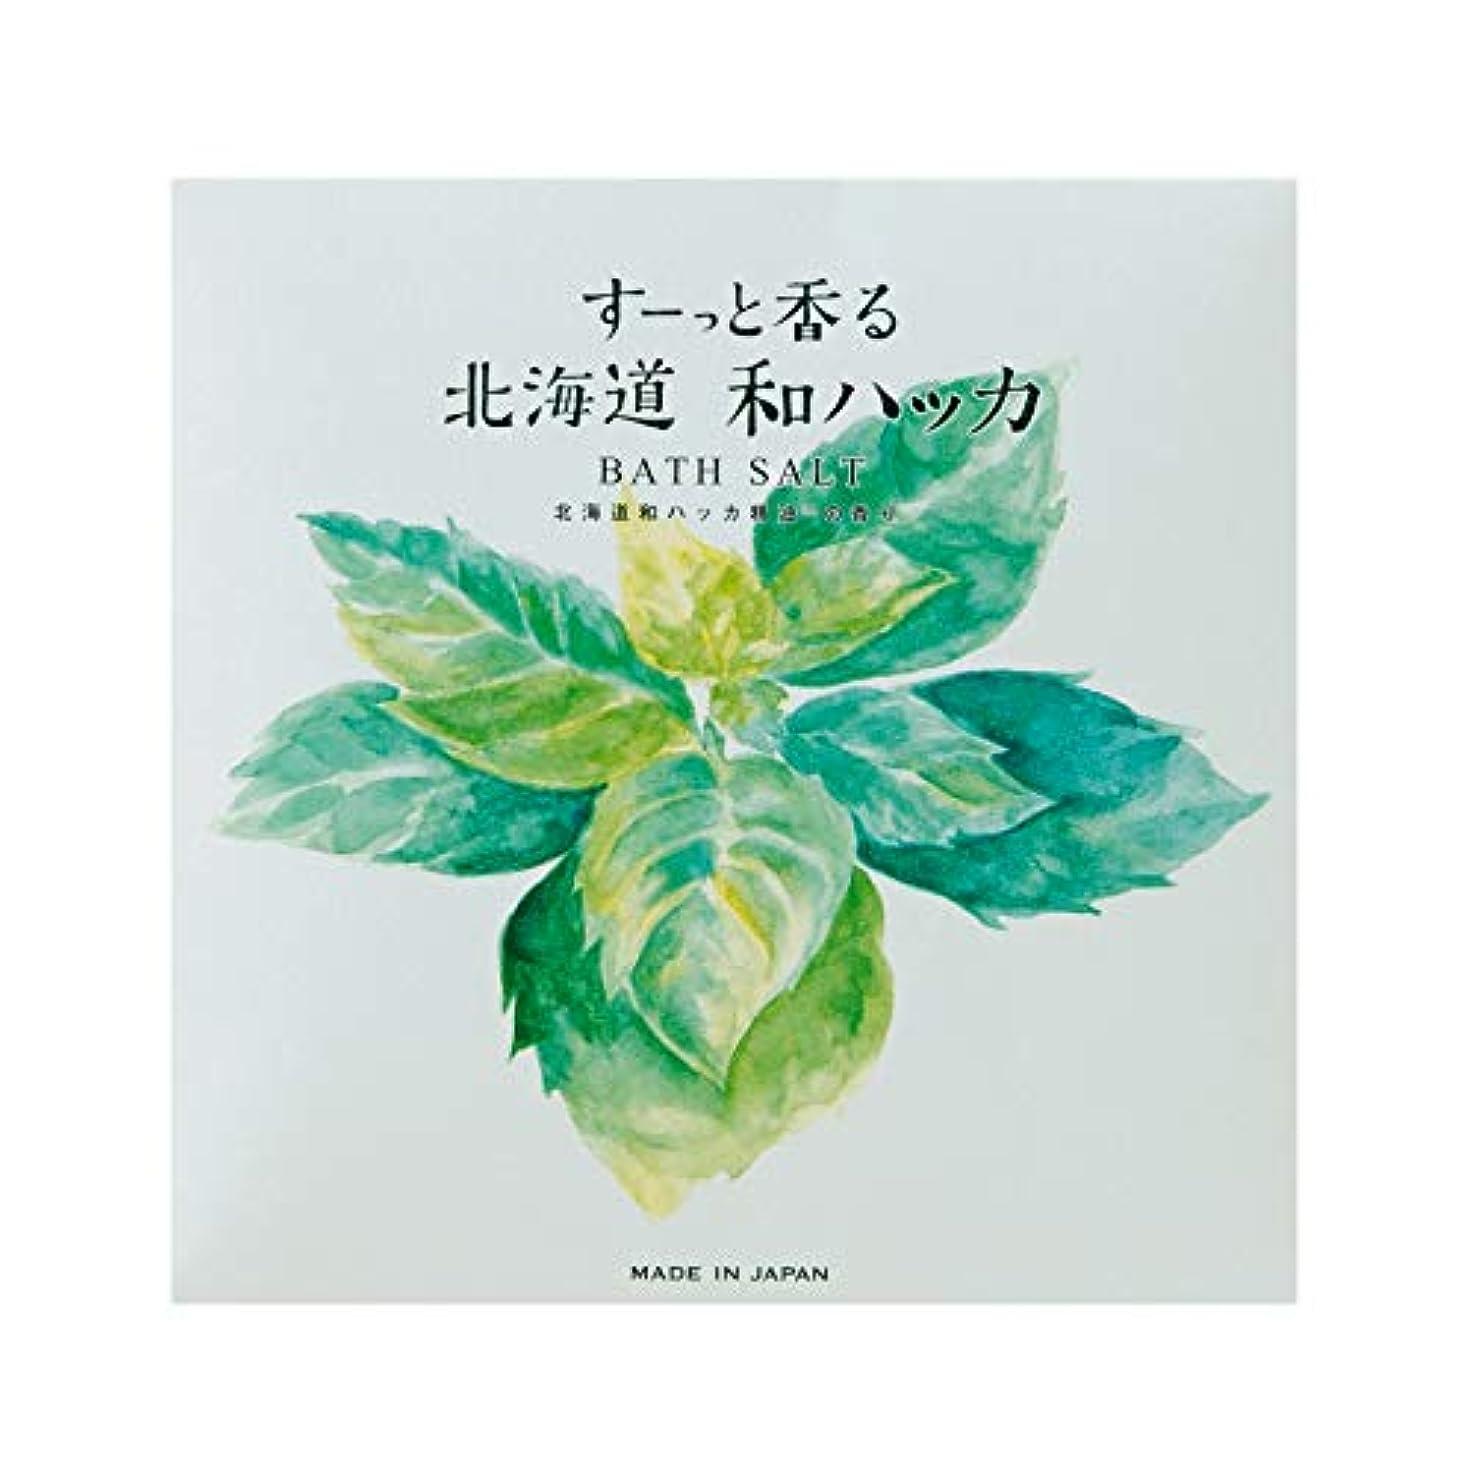 高潔な共感するを必要としています北海道和ハッカ アロマバスソルト